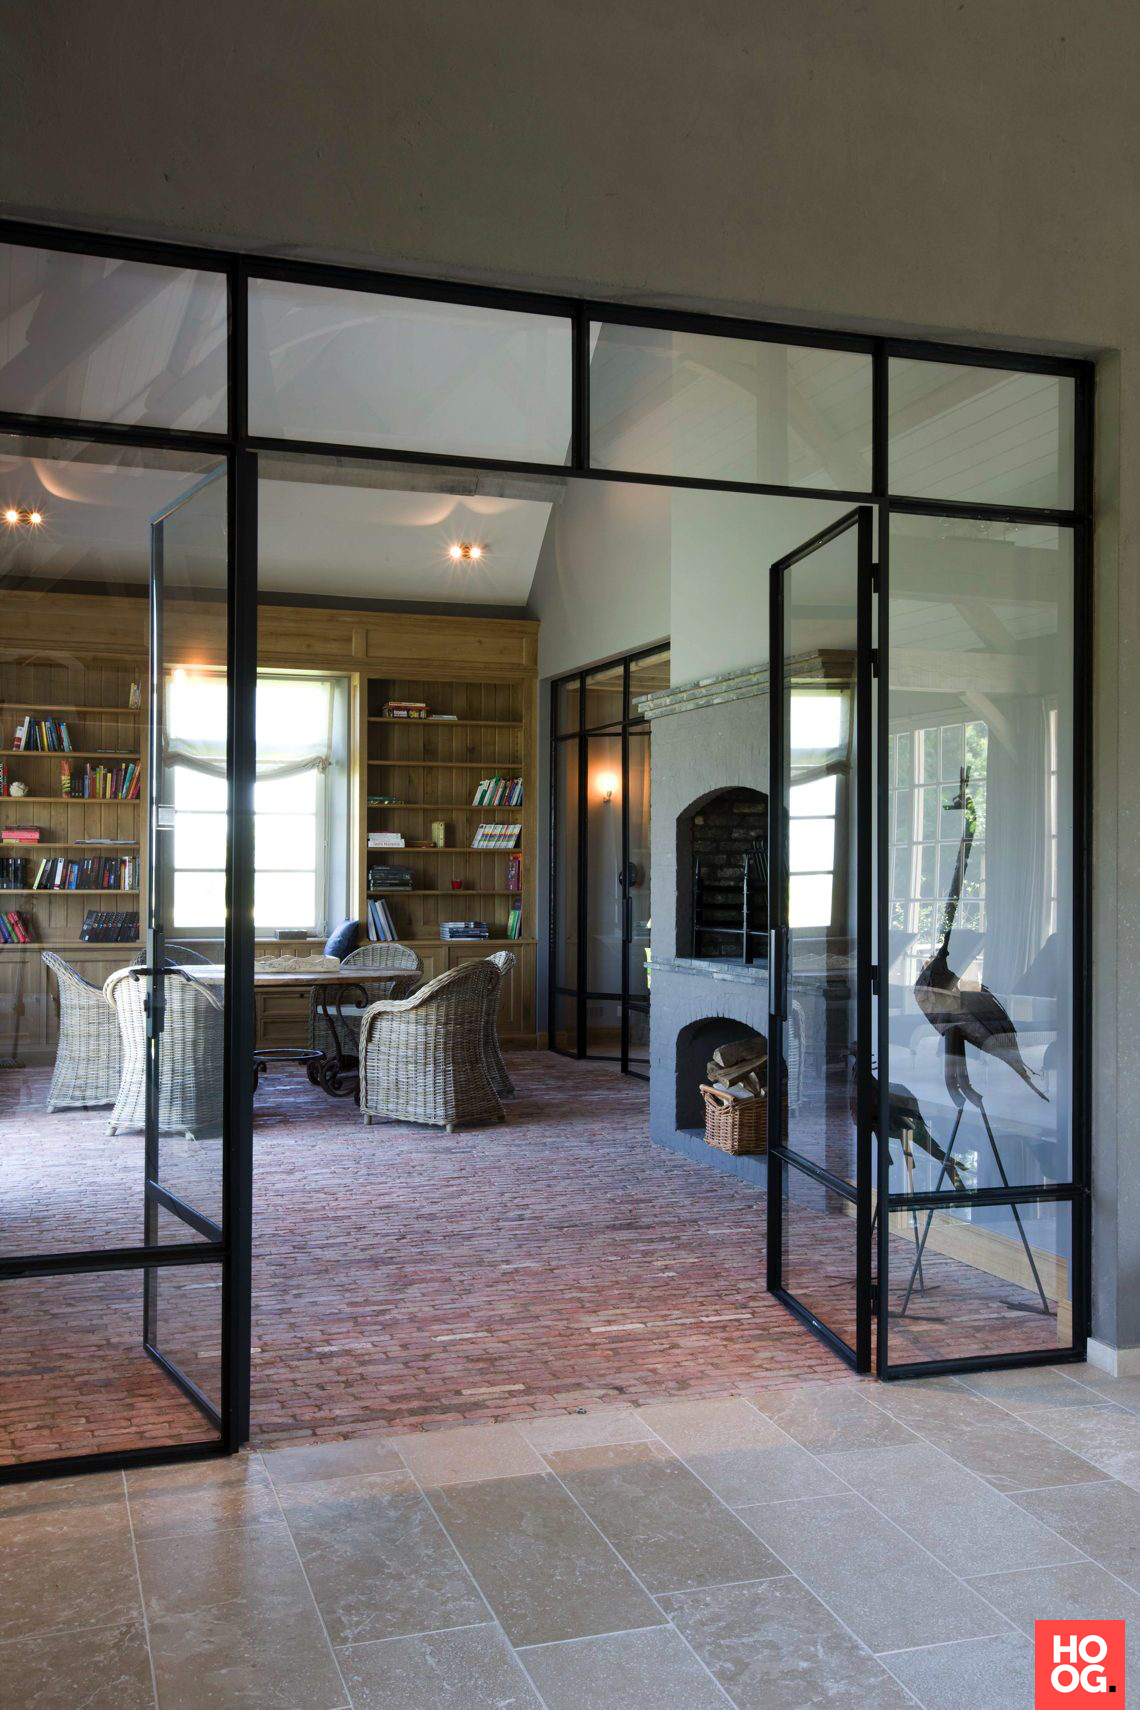 ABC Projects | Interior architecture - Project Celles landelijke ...